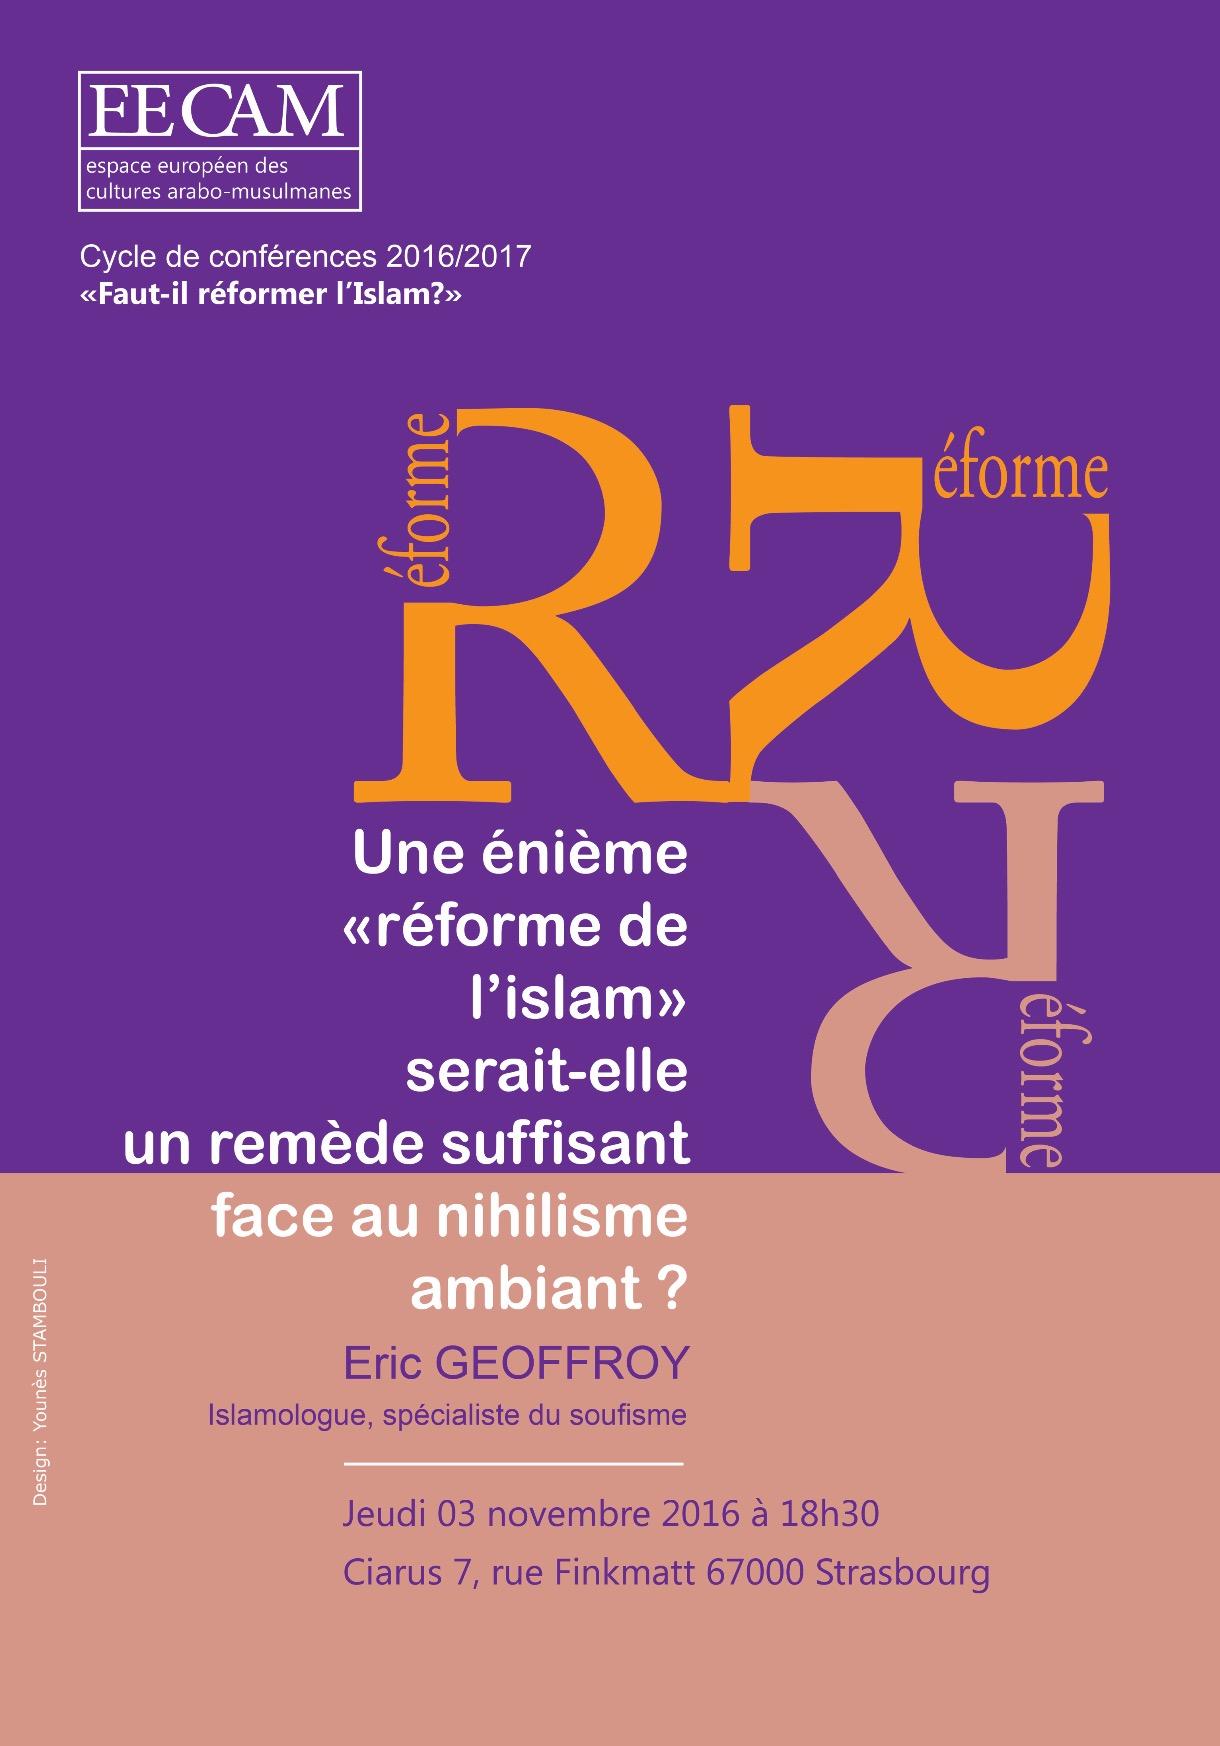 http://www.saphirnews.com/agenda/Une-enieme-reforme-de-l-islam-serait-elle-un-remede-suffisant-face-au-nihilisme-ambiant_ae418759.html